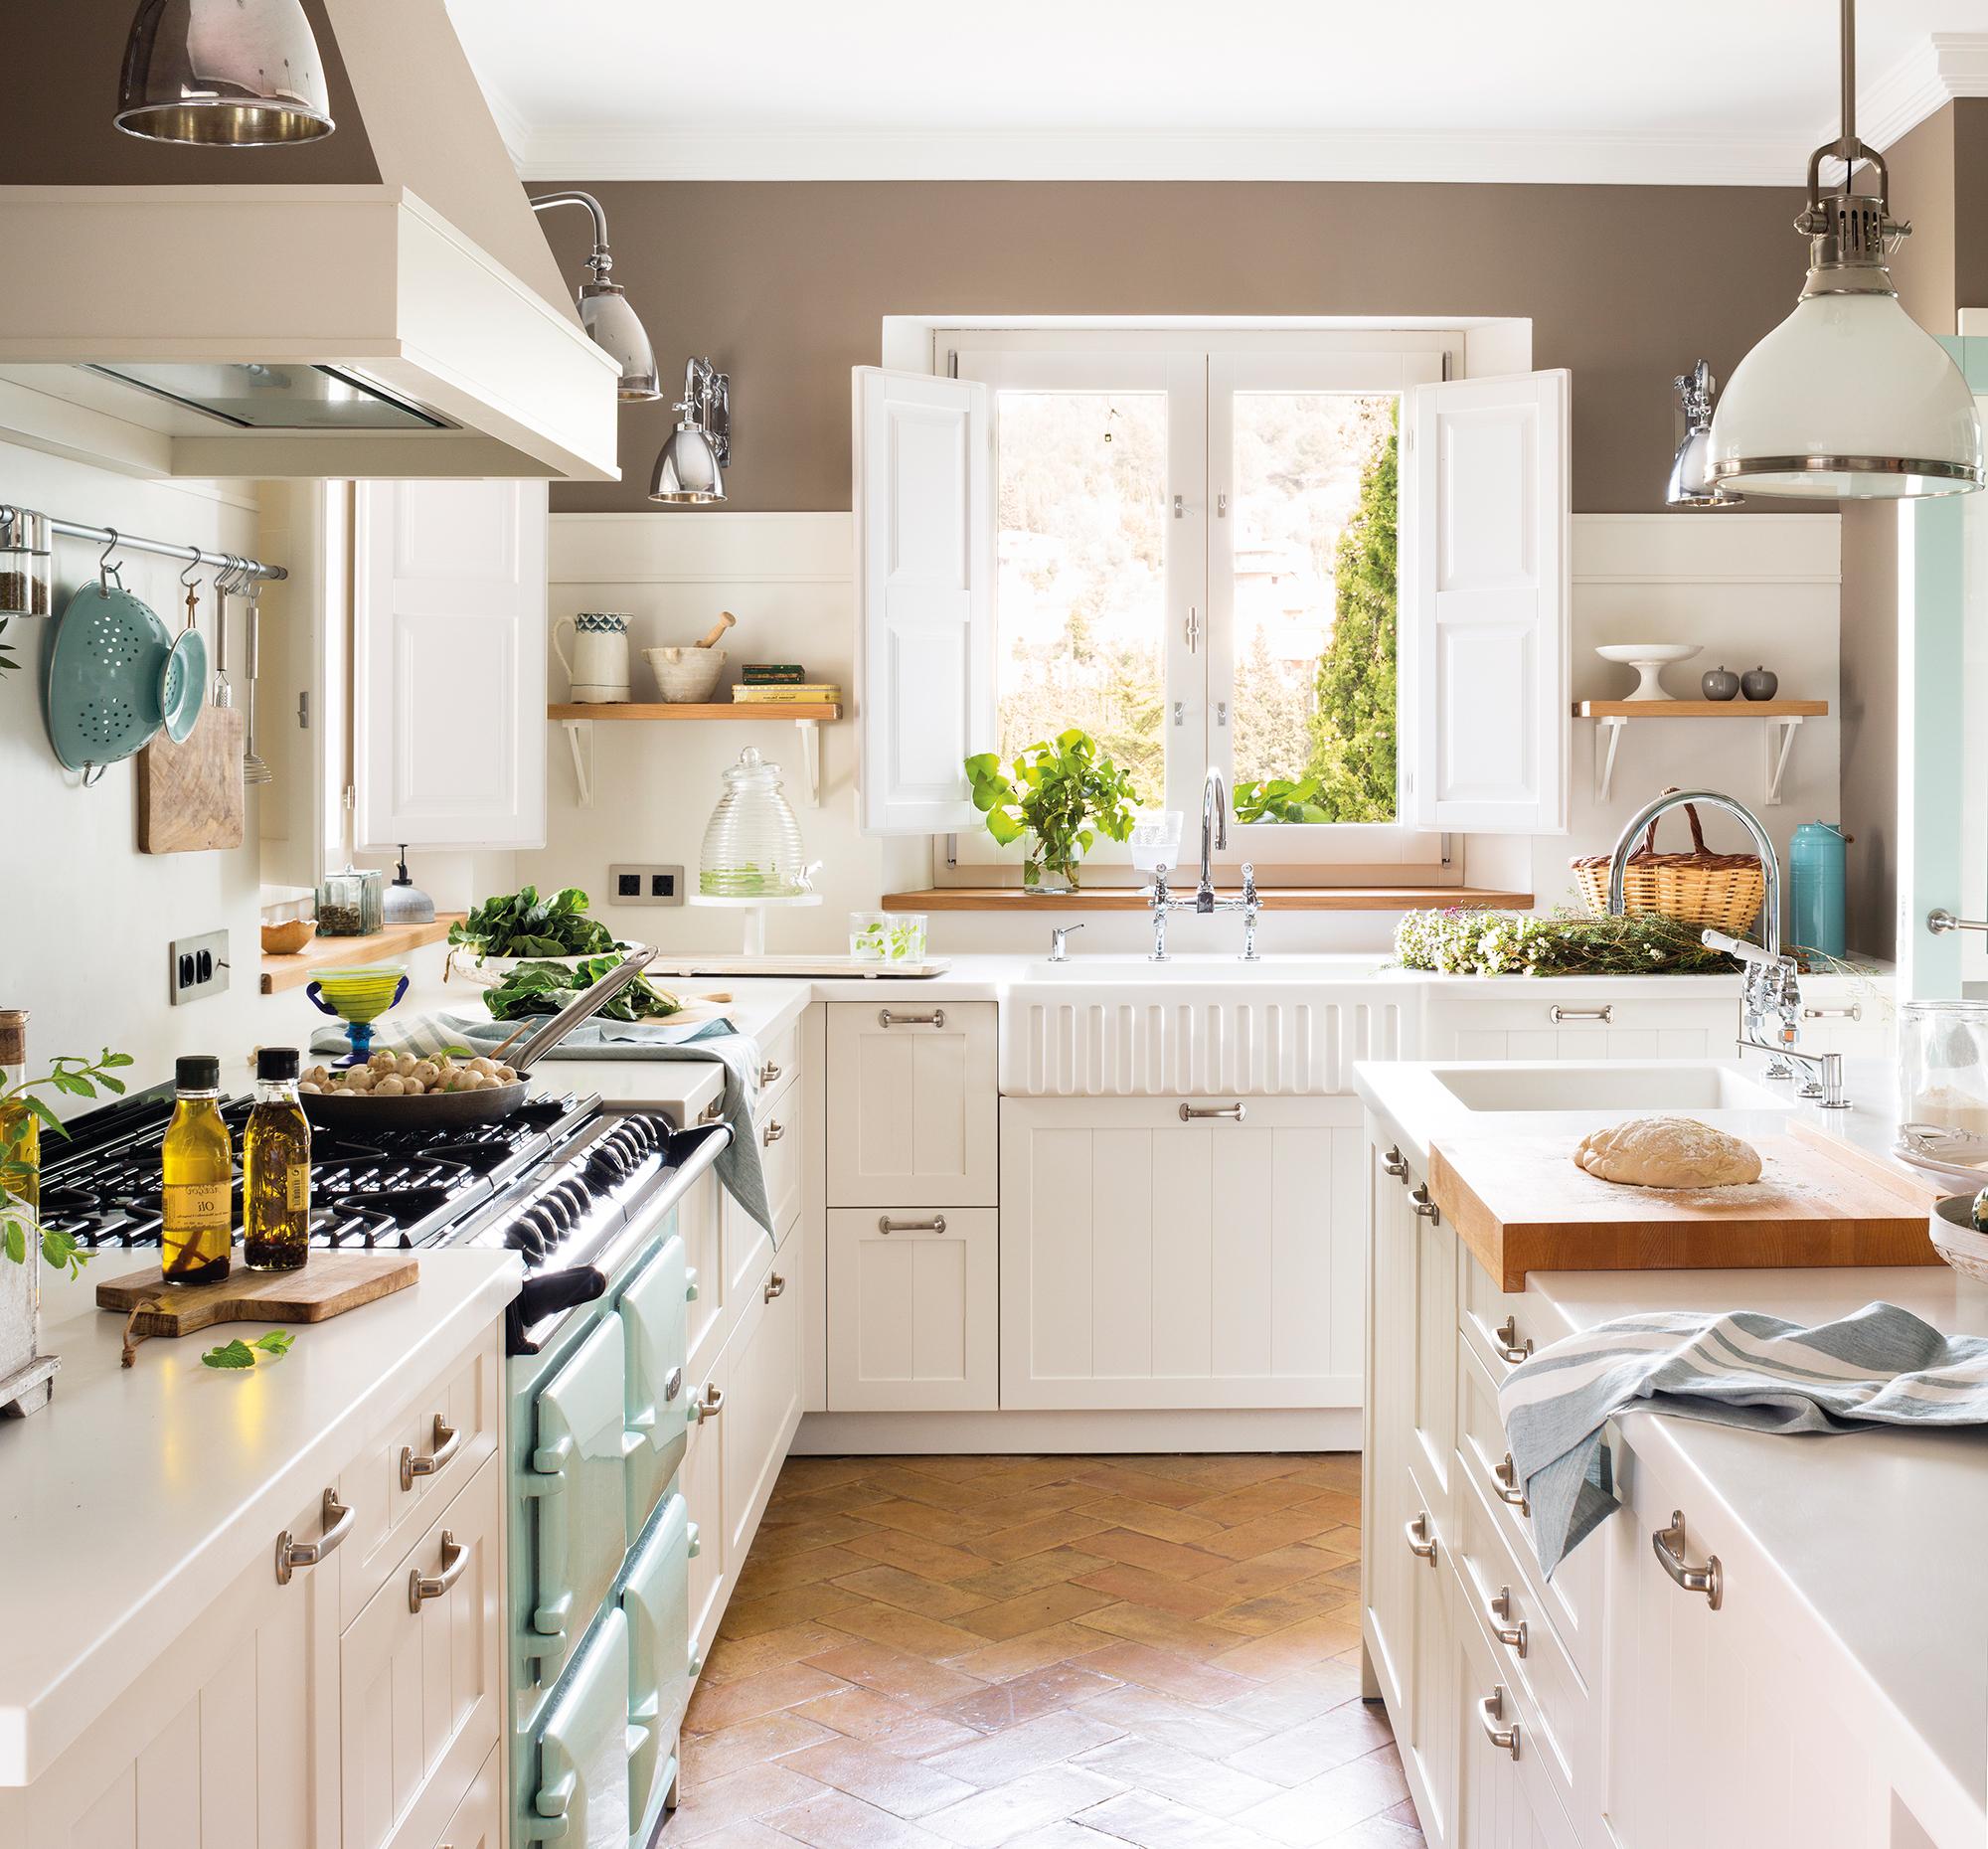 Cocinas El Mueble Thdr Cocinas Las 50 Mejores De El Mueble